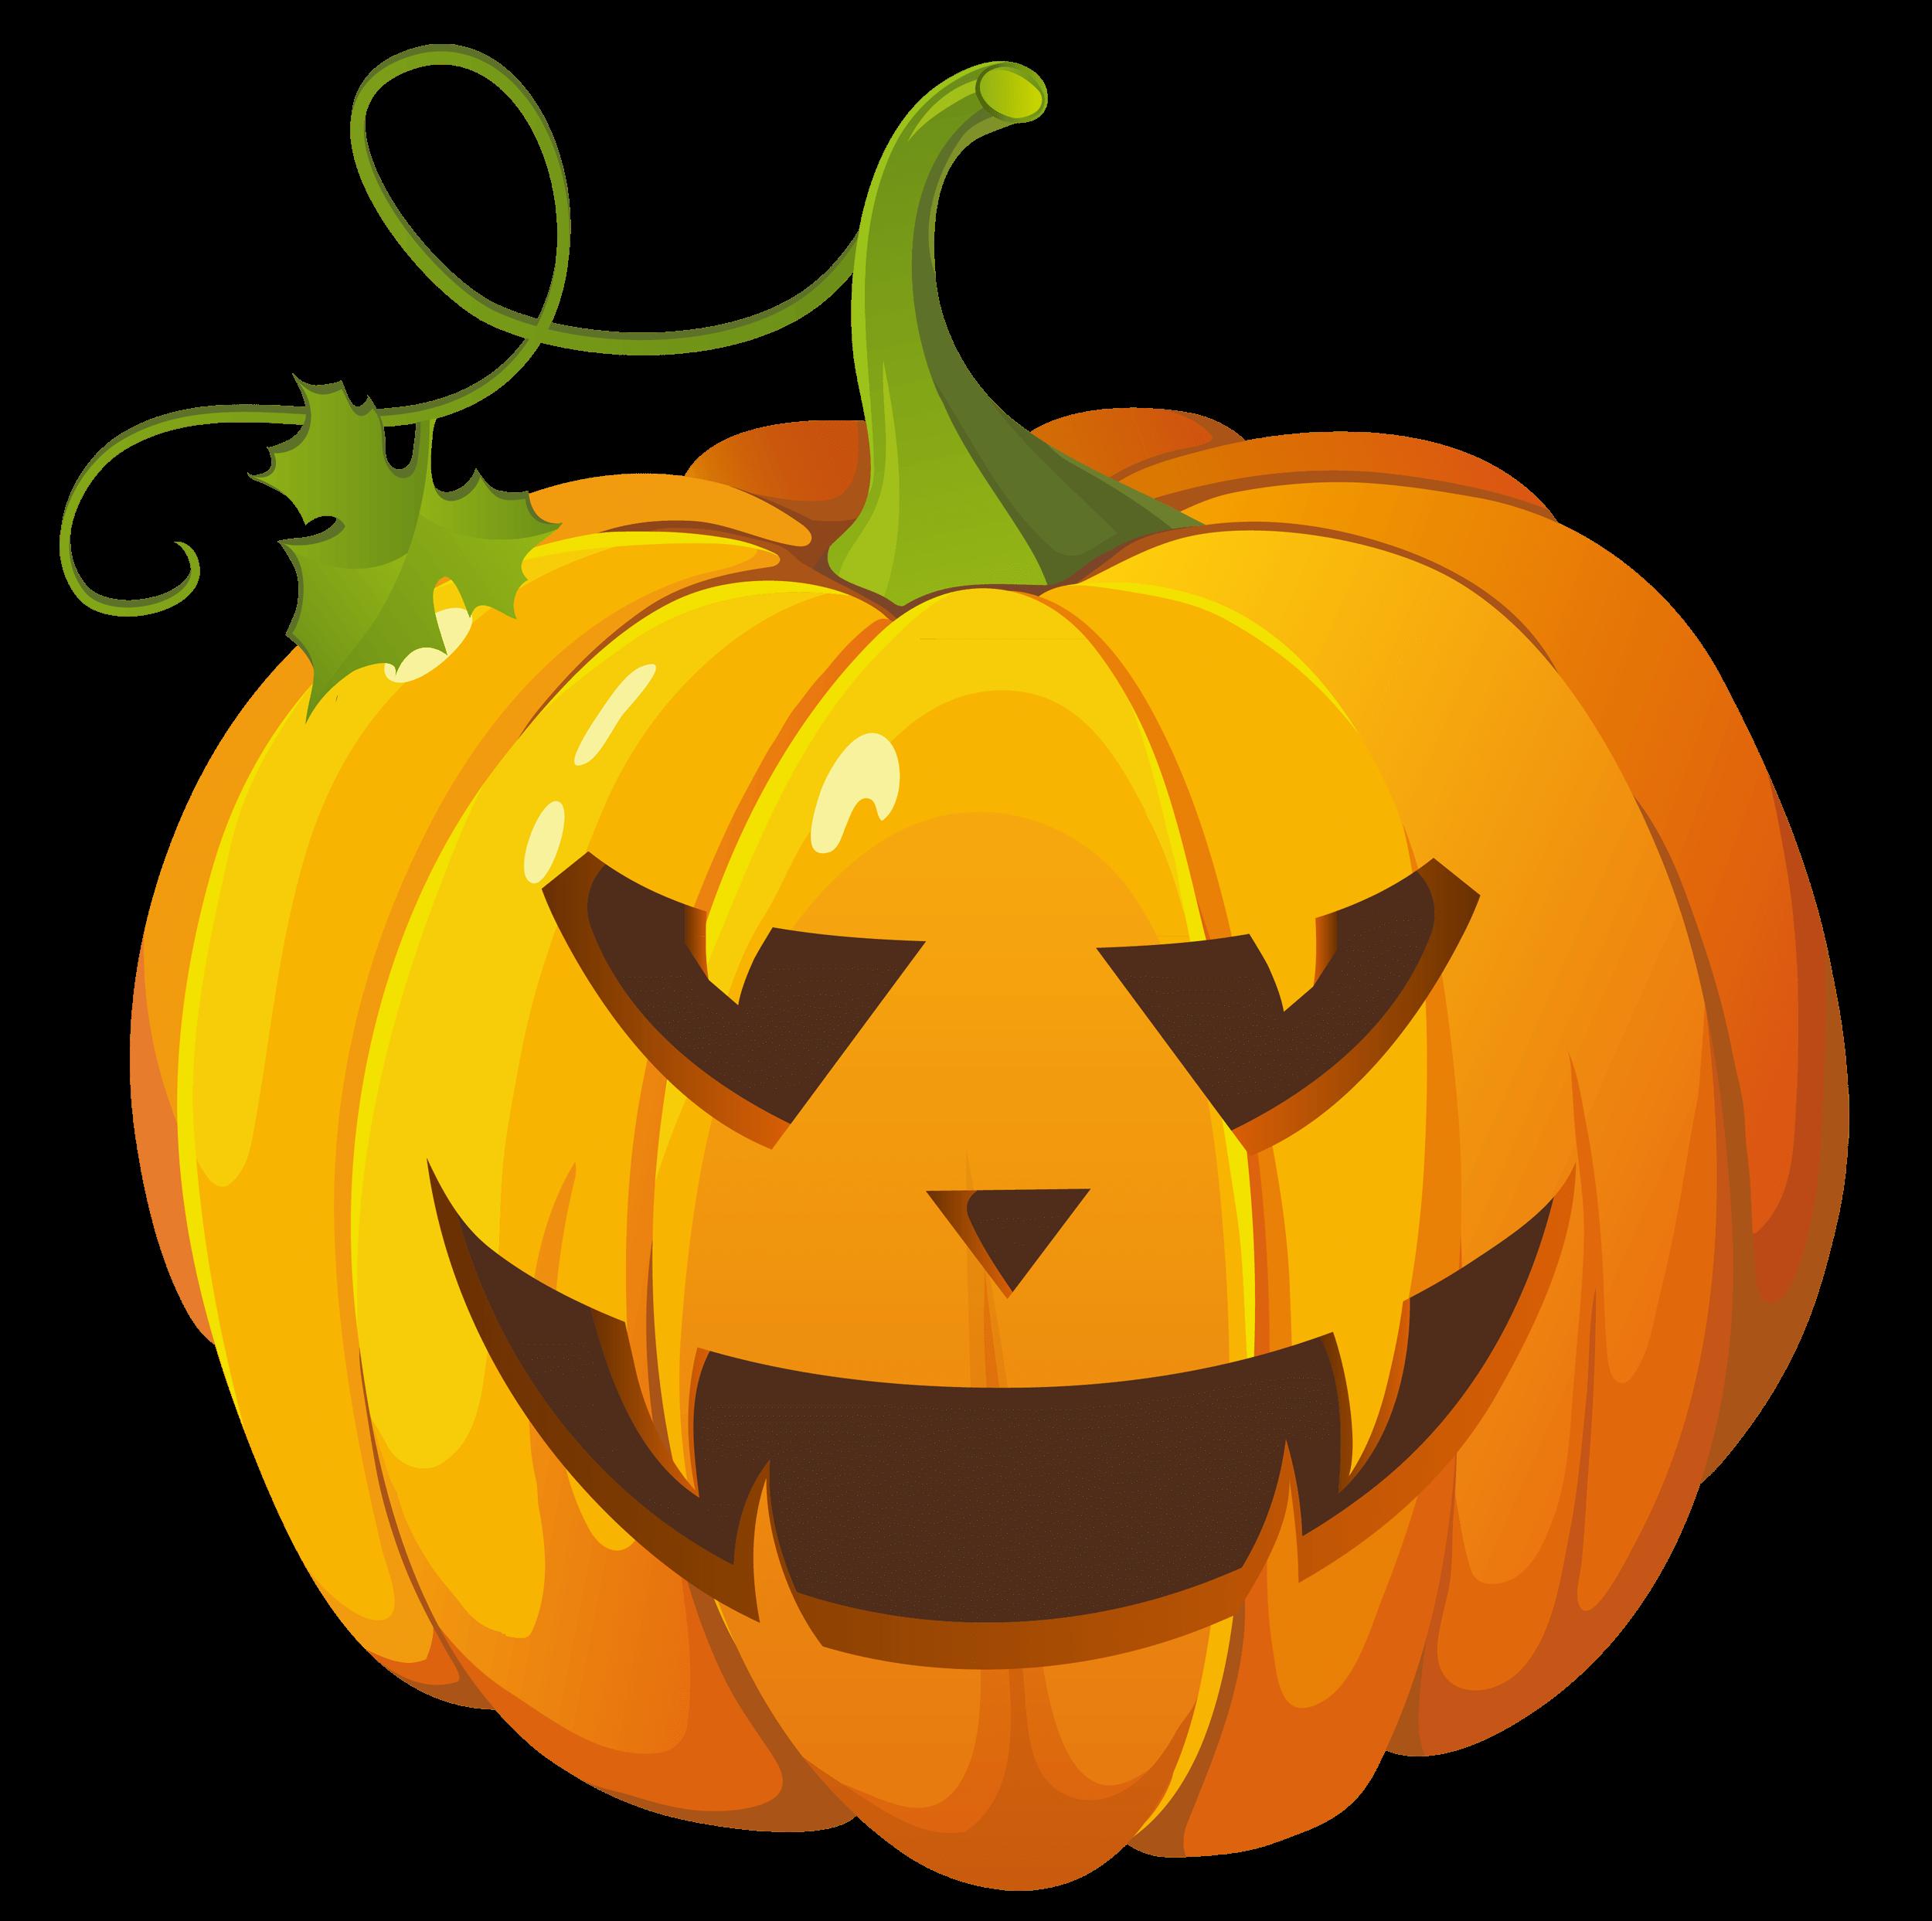 Pumpkin Halloween transparent PNG.